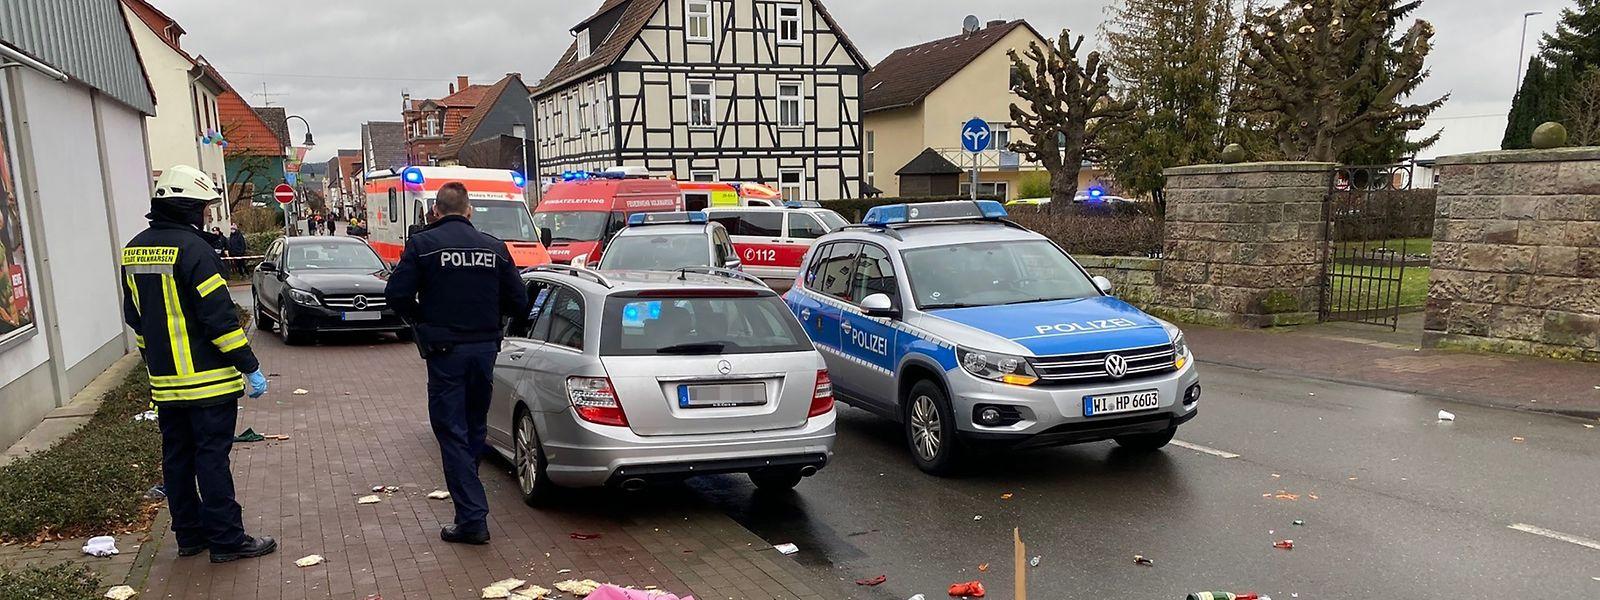 In Volkmarsen fuhr ein Autofahrer im Februar 2020 in einen Karnevalsumzug. 61 Menschen wurden teils schwer verletzt.